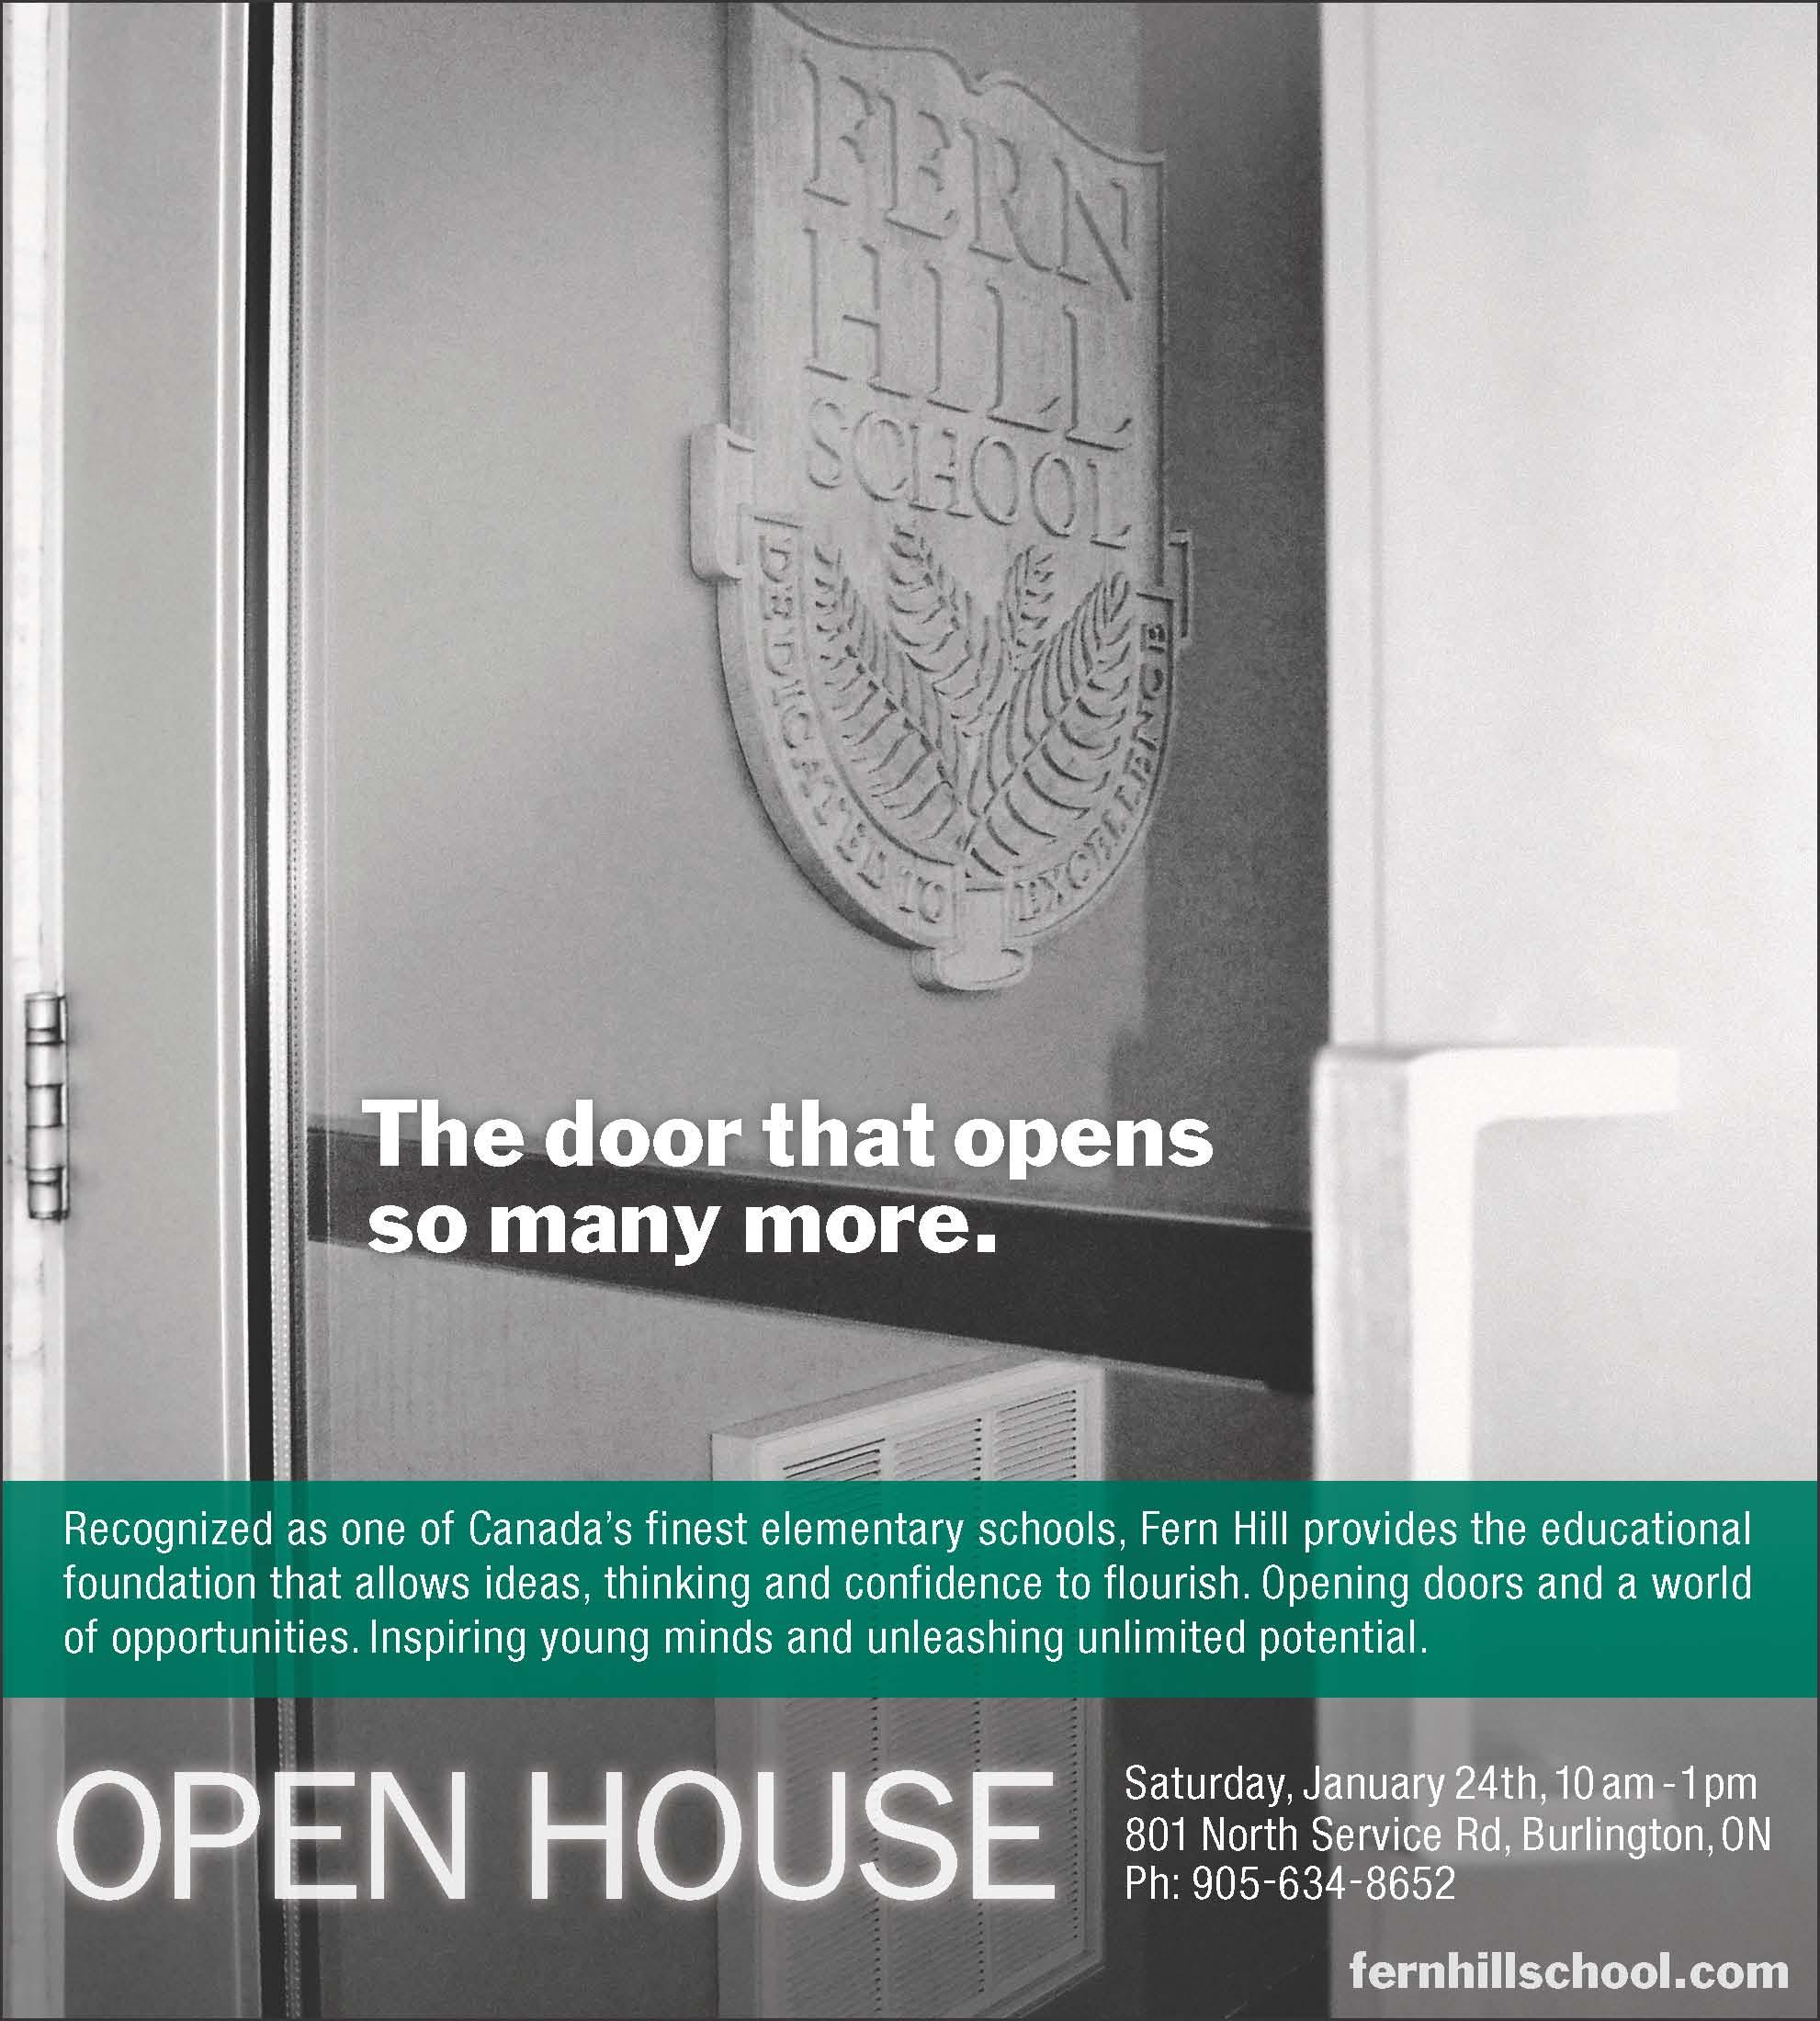 Fern Hill Open House Burlington ad.jpg